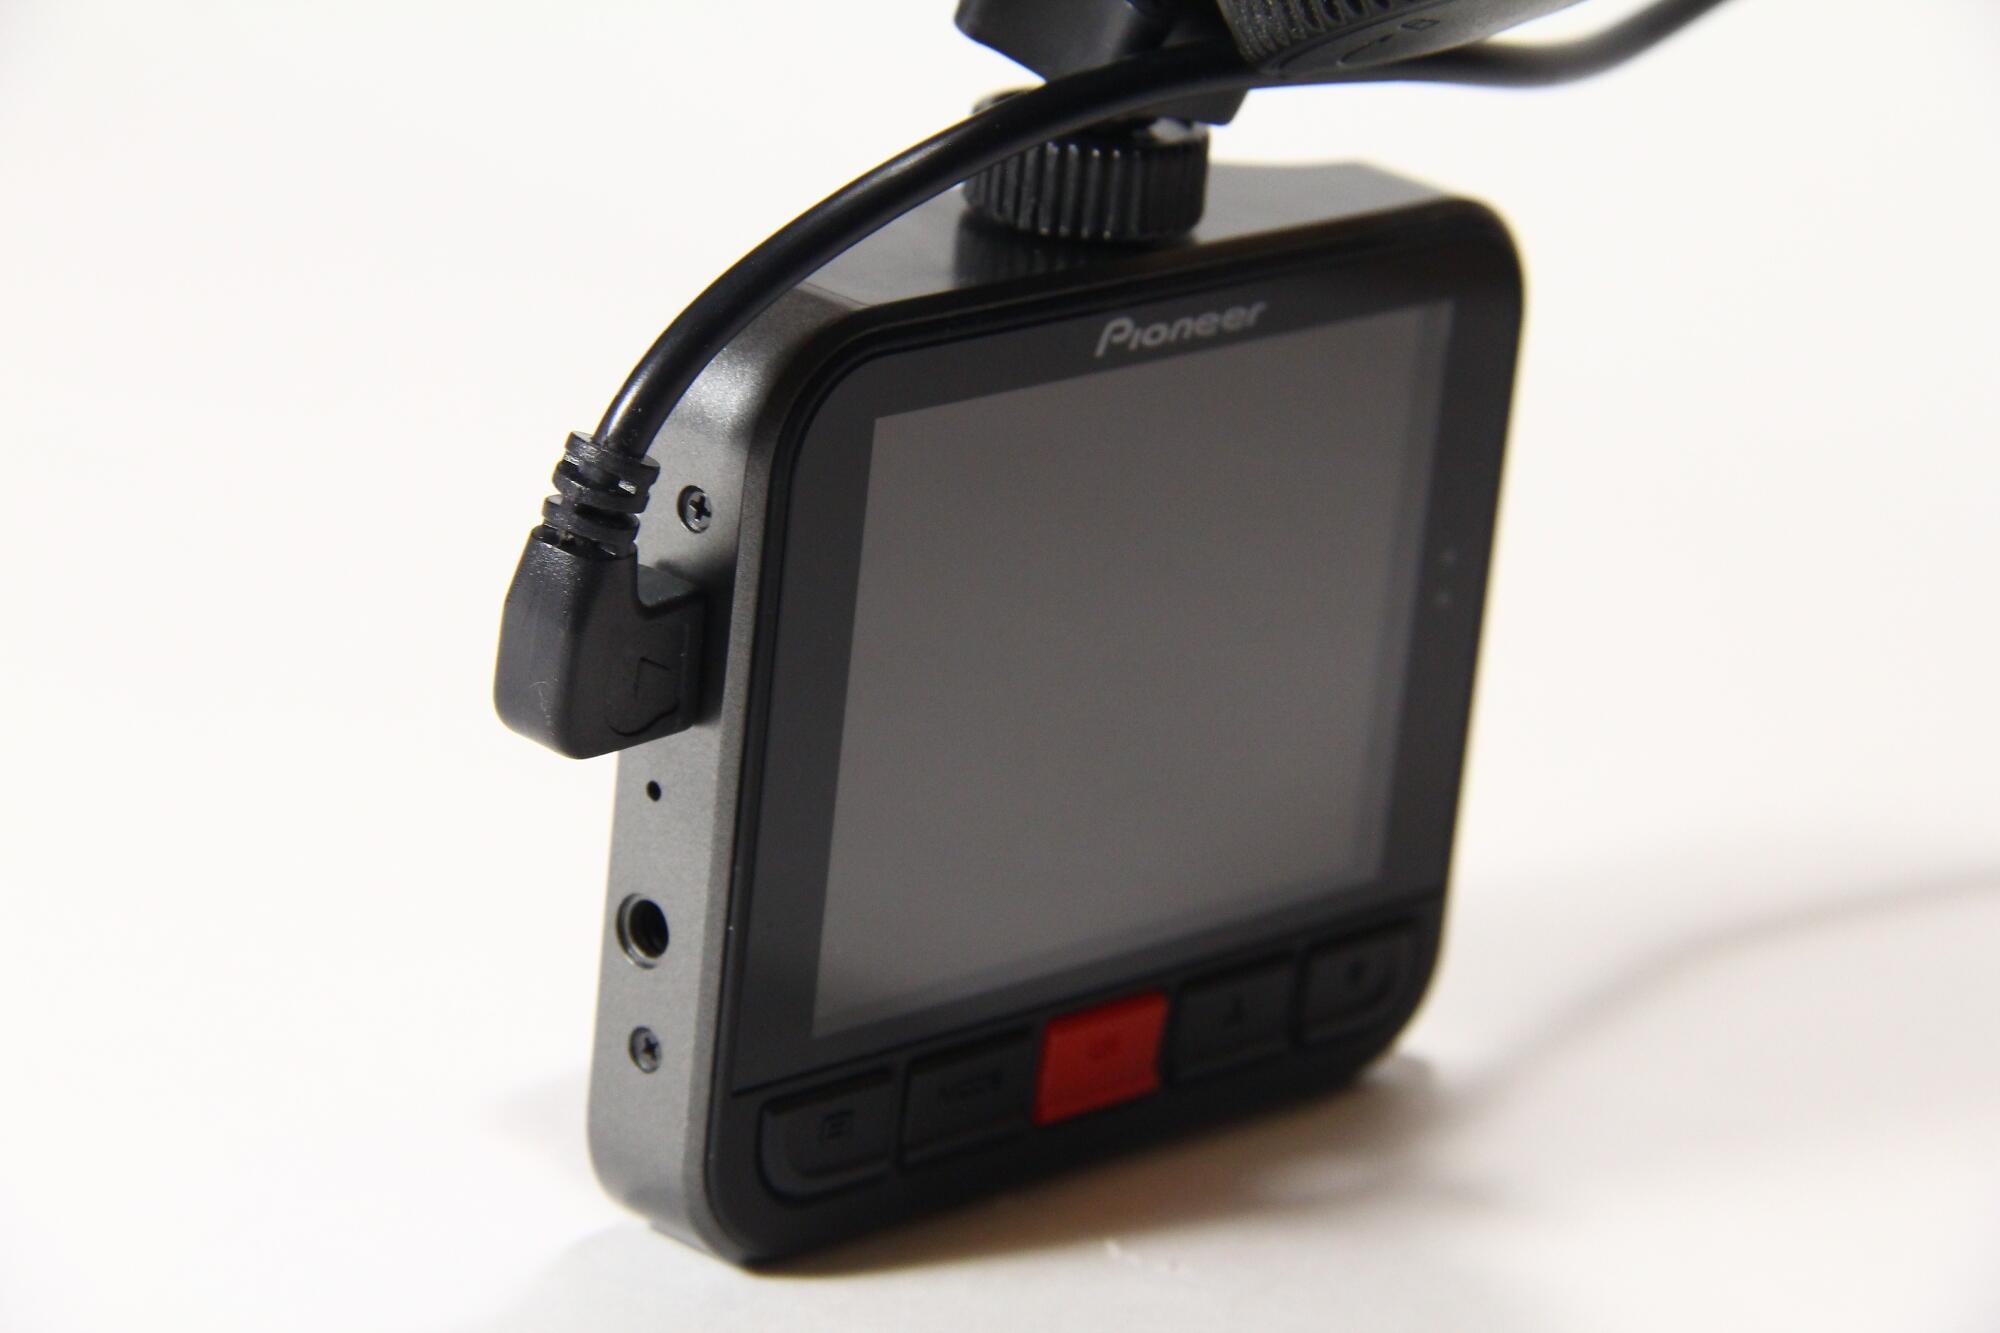 Avtotovary - Obzor avtomobilnogo videoregistratora Pioneer VREC-100CH